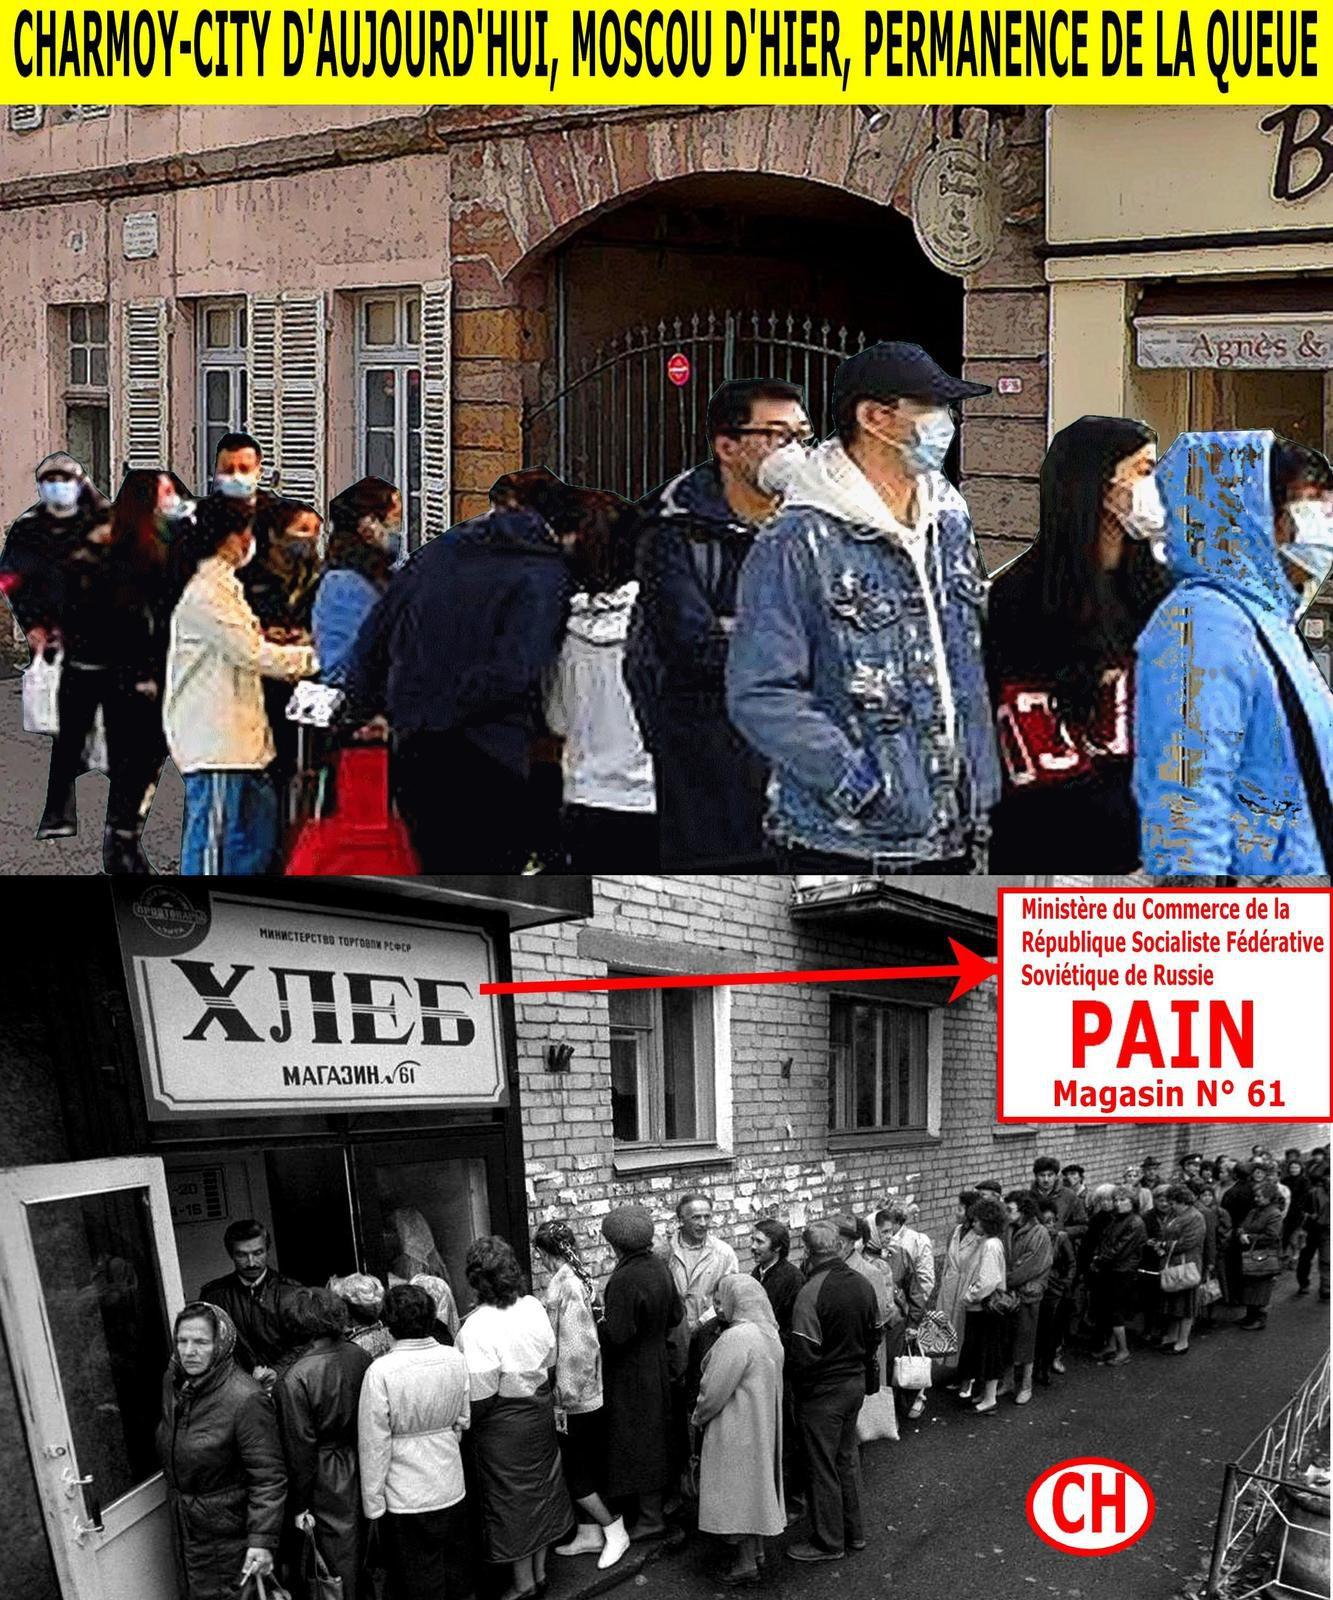 Charmoy-City, Moscou, permanence de la queue.jpg